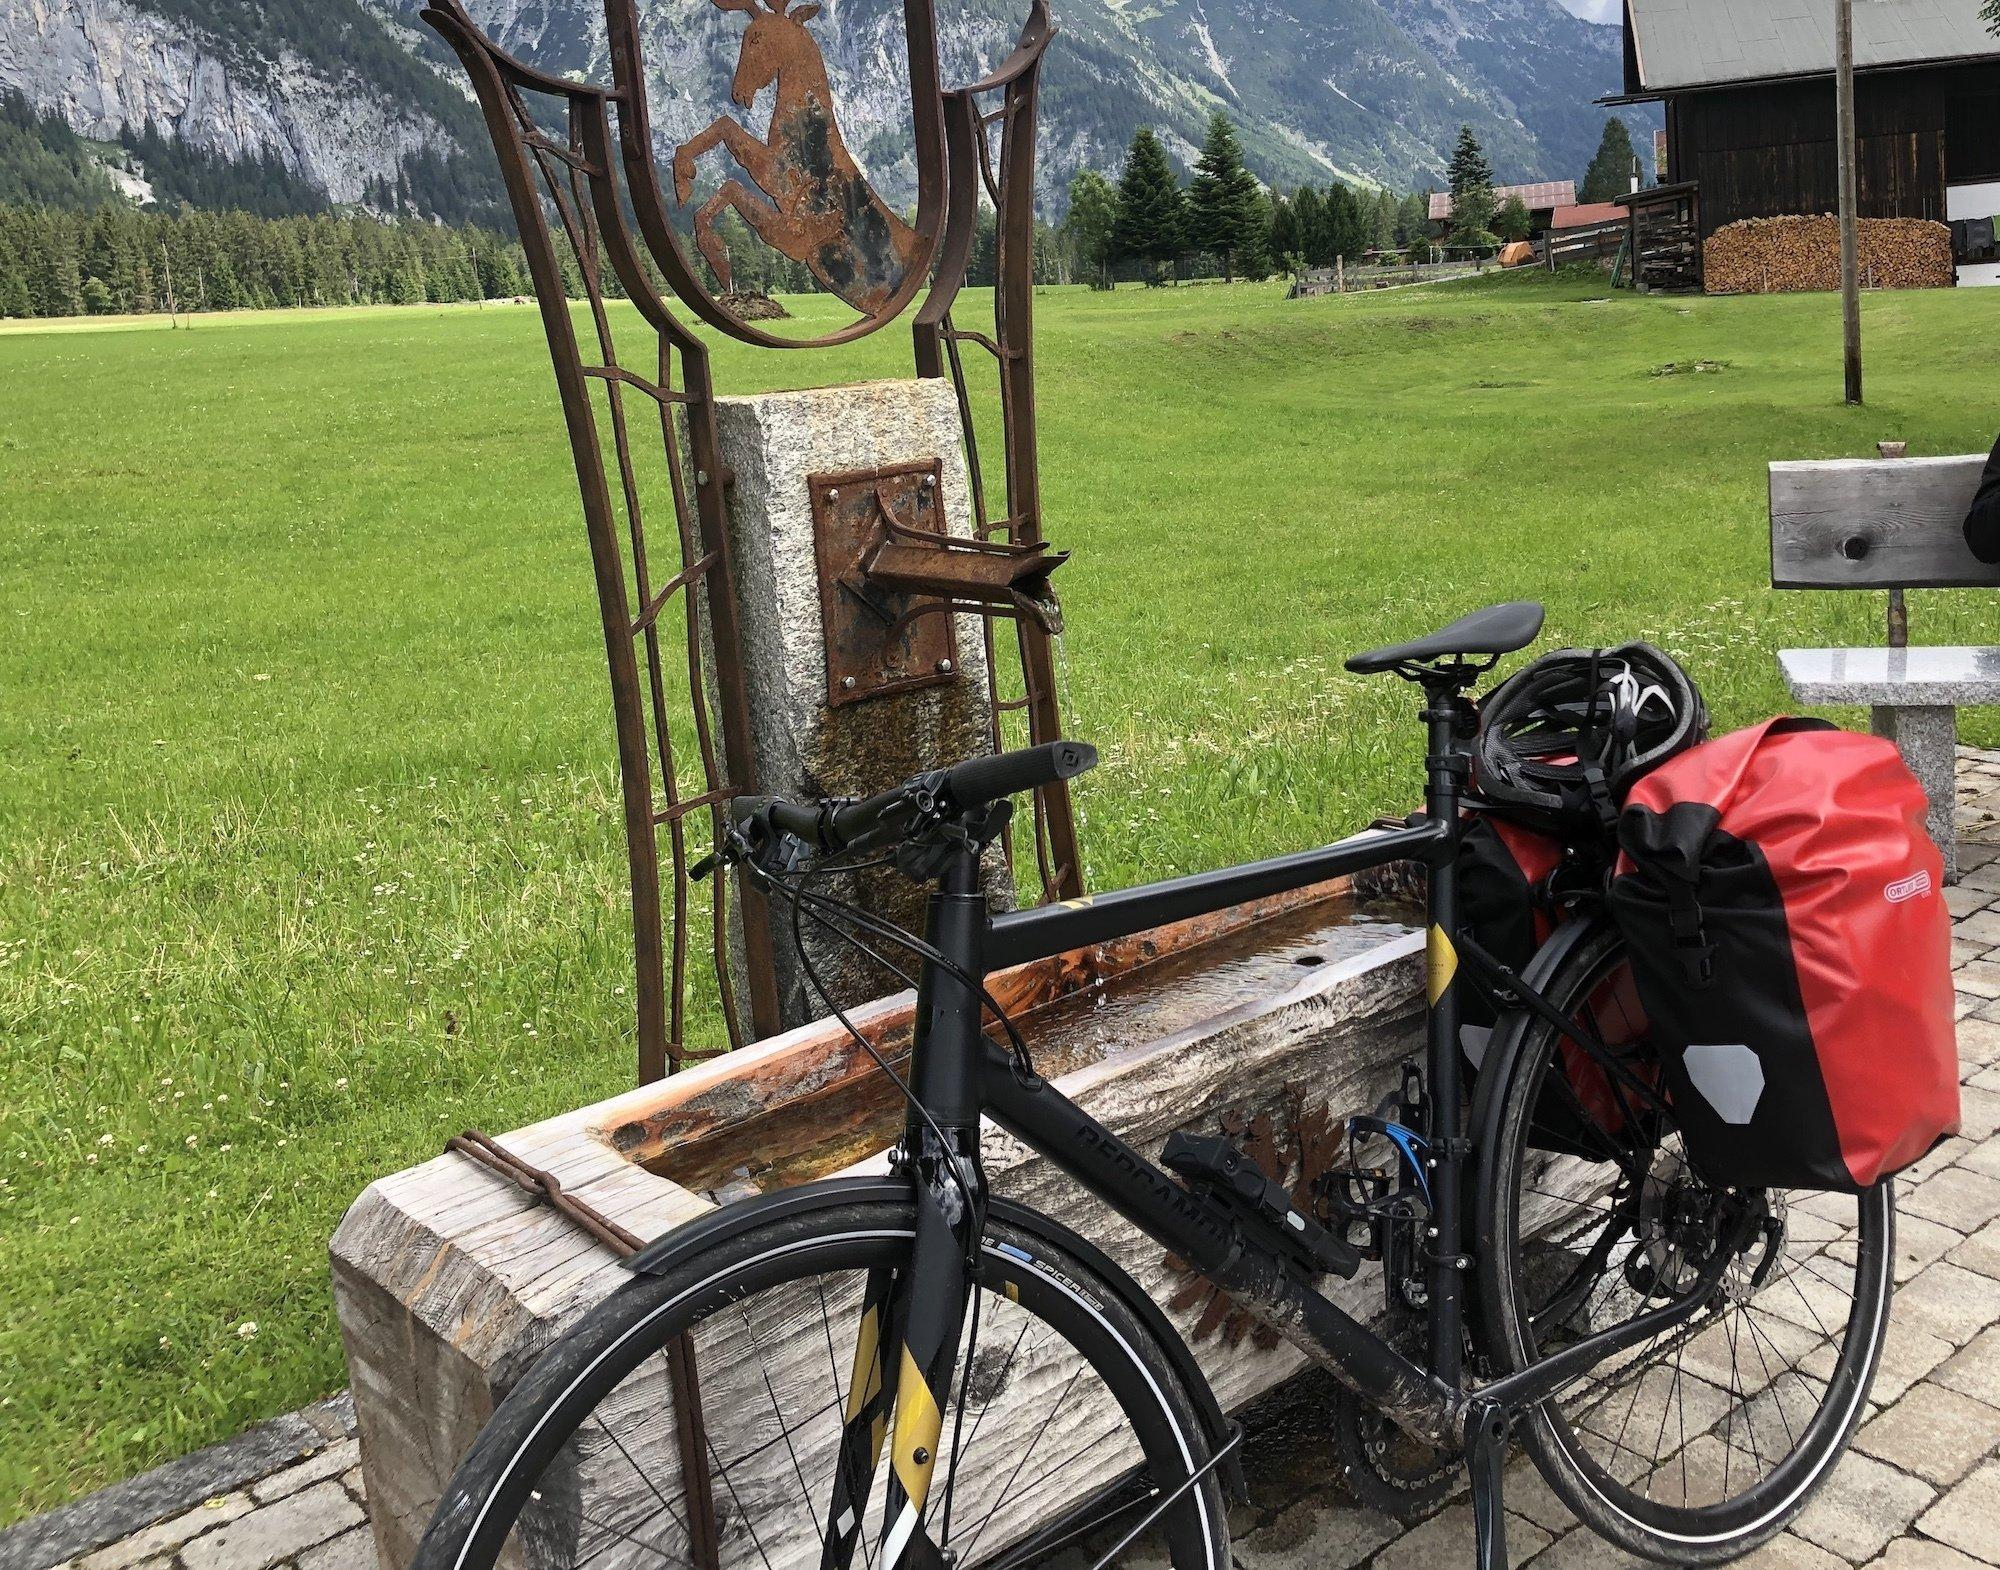 Dargestellt ist ein offener Brunnen in Tirol, aus dem Wasser fließt. Am Brunnen lehnt ein Fahrrad mit Gepäck.